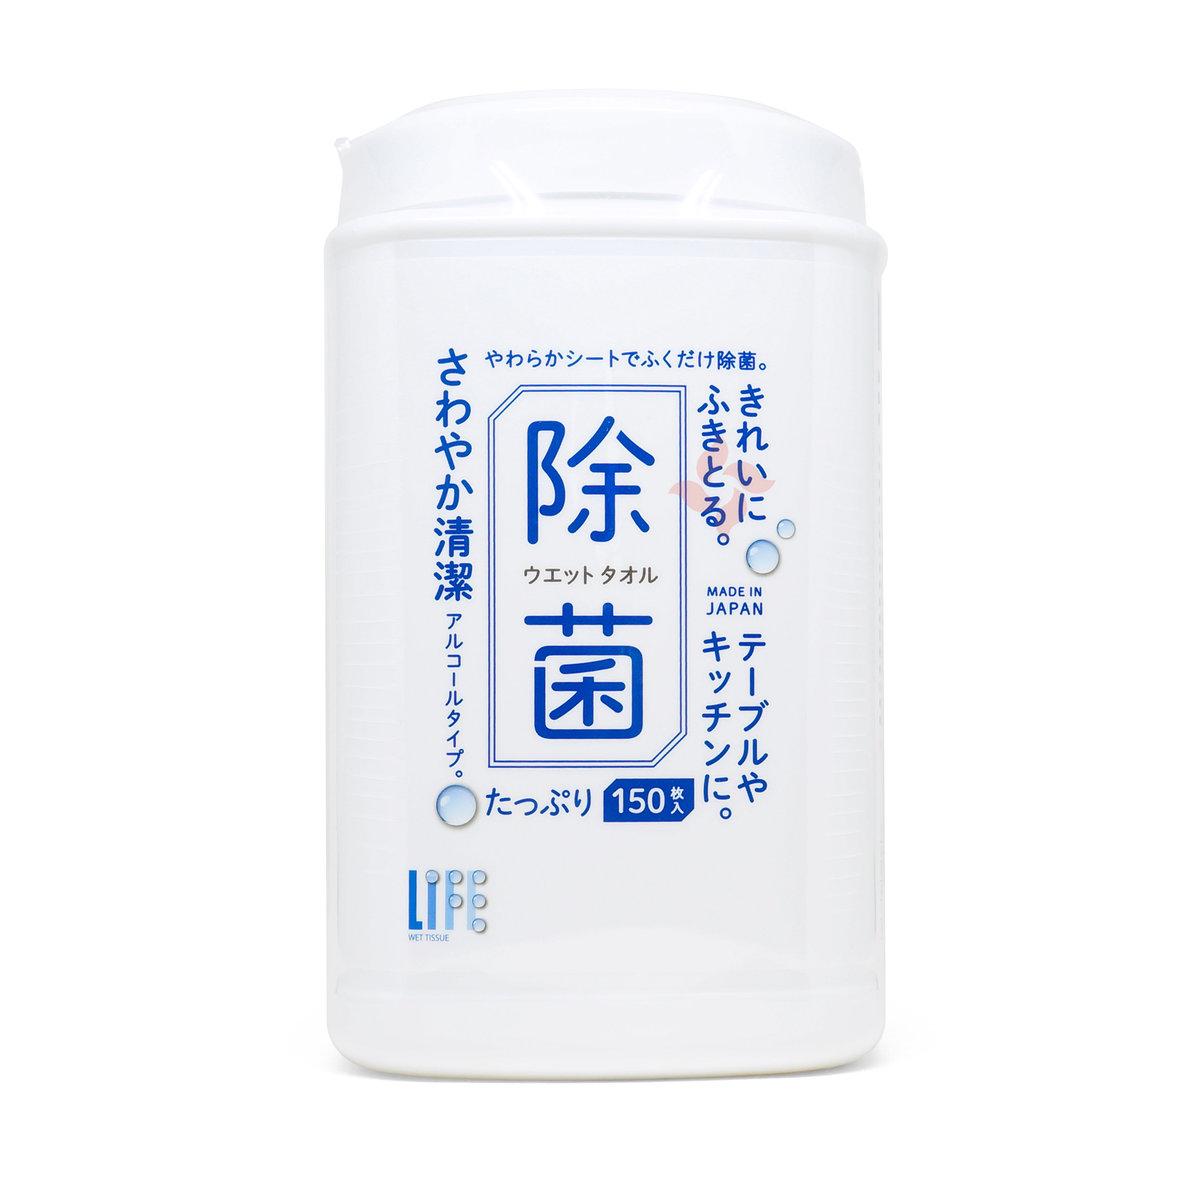 平和 清爽潔淨除菌濕巾 150枚 桶裝 (4976558006183)